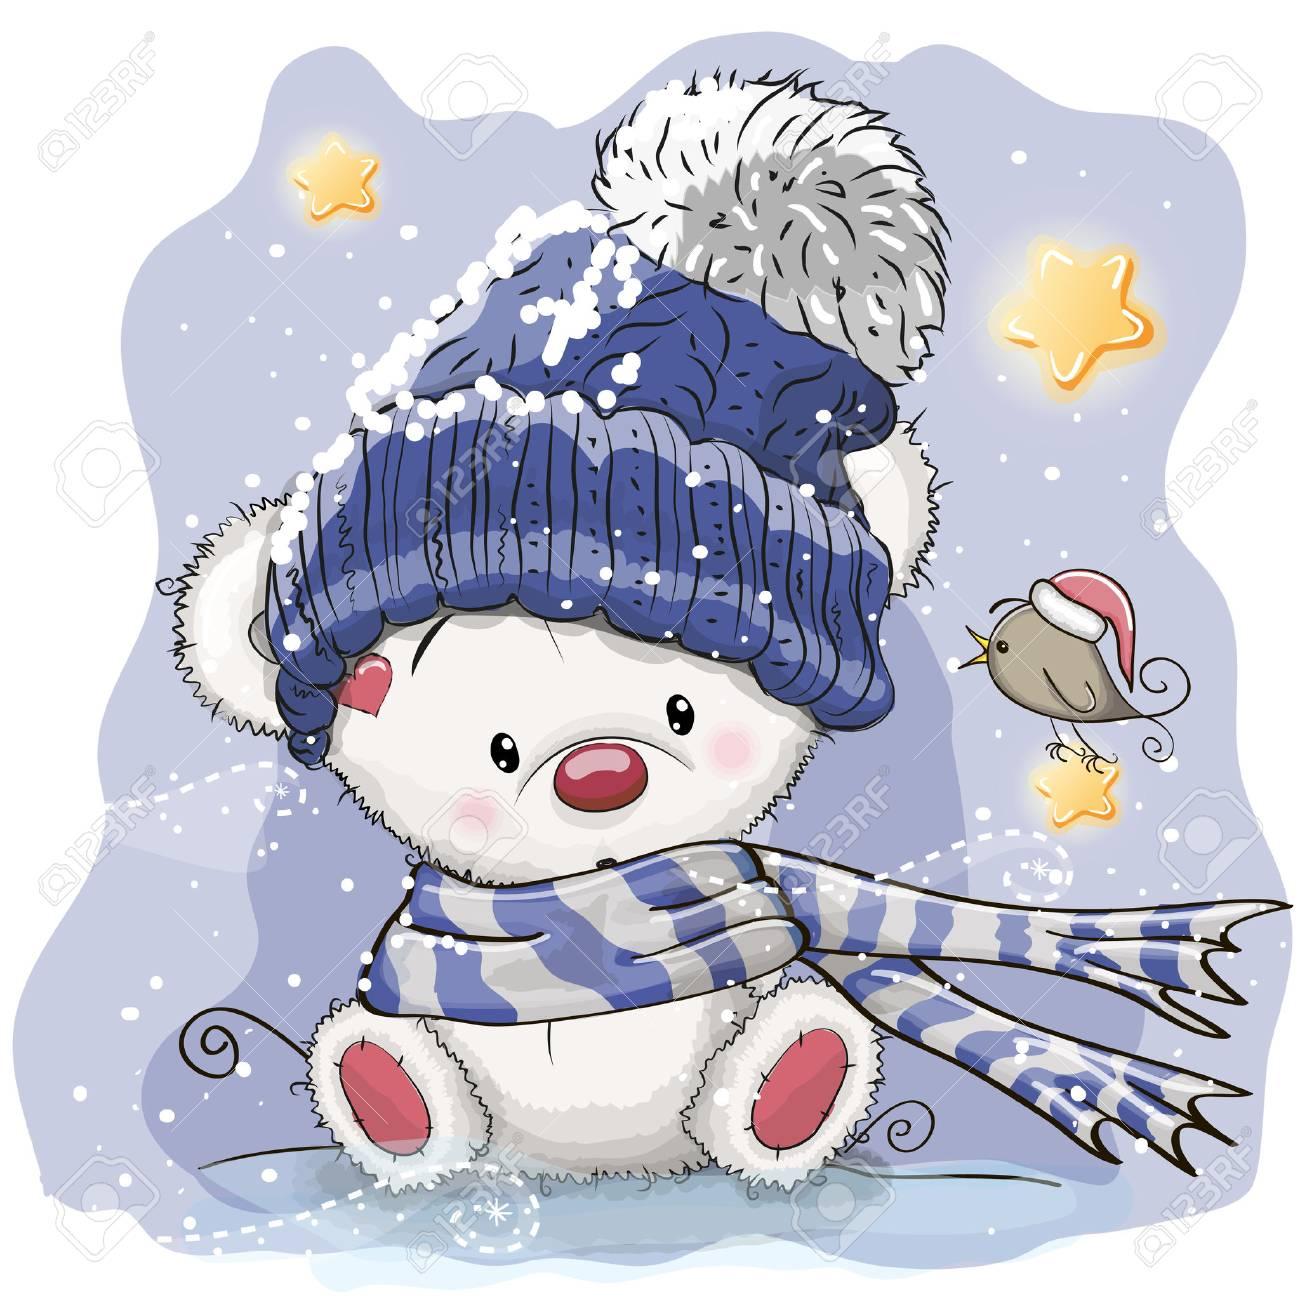 Greeting Christmas card with cartoon polar bear, vector illustration. - 89310784